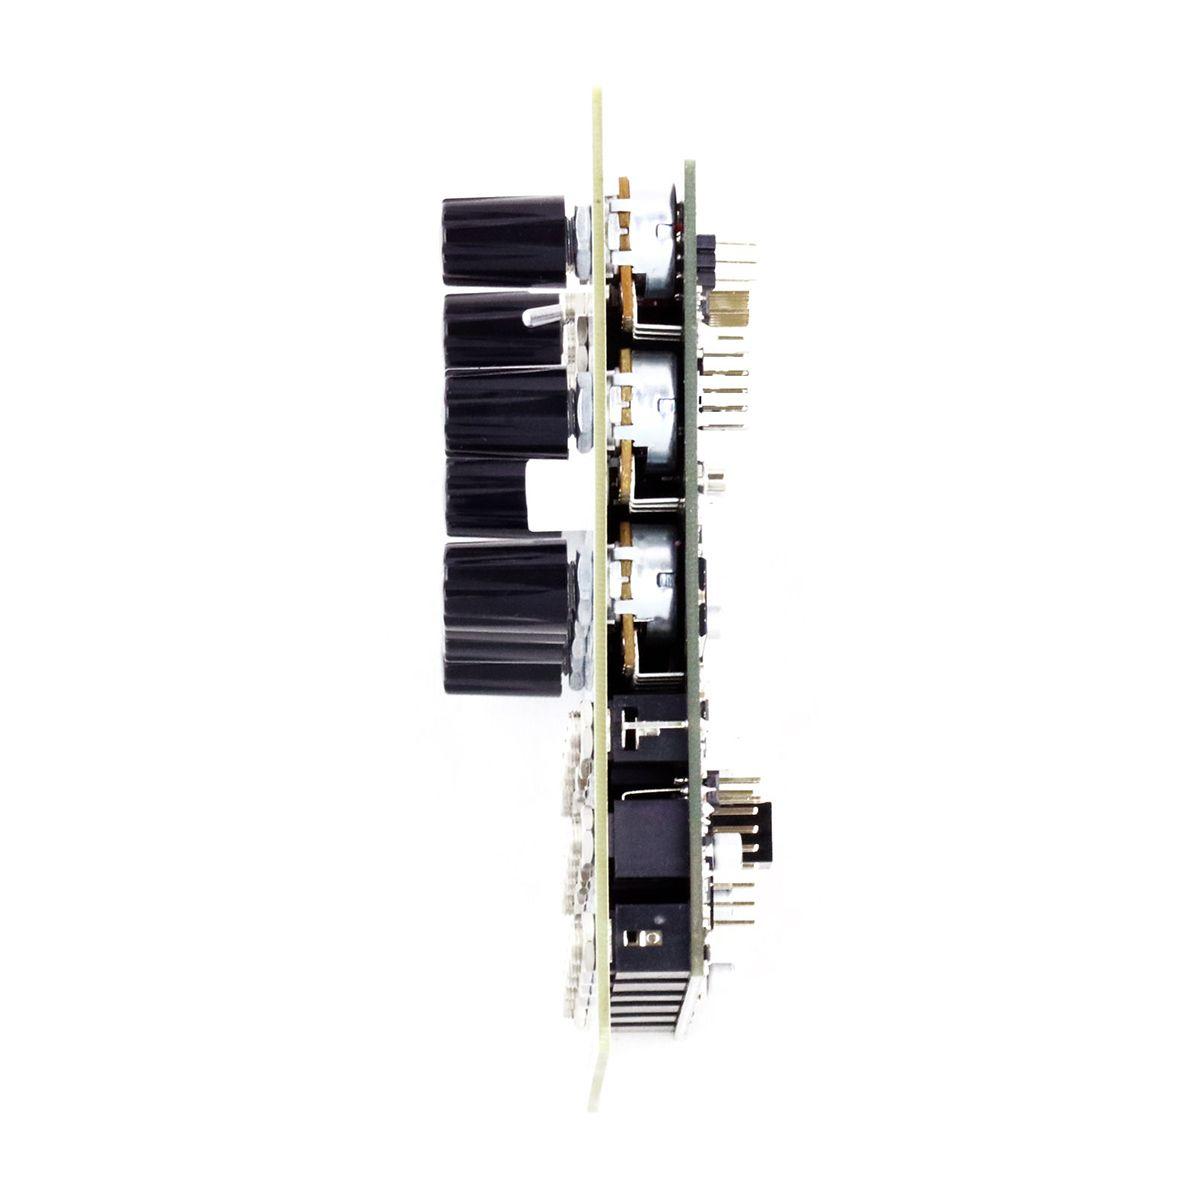 4ms Dual Looping Delay Eurorack Module (DLD)